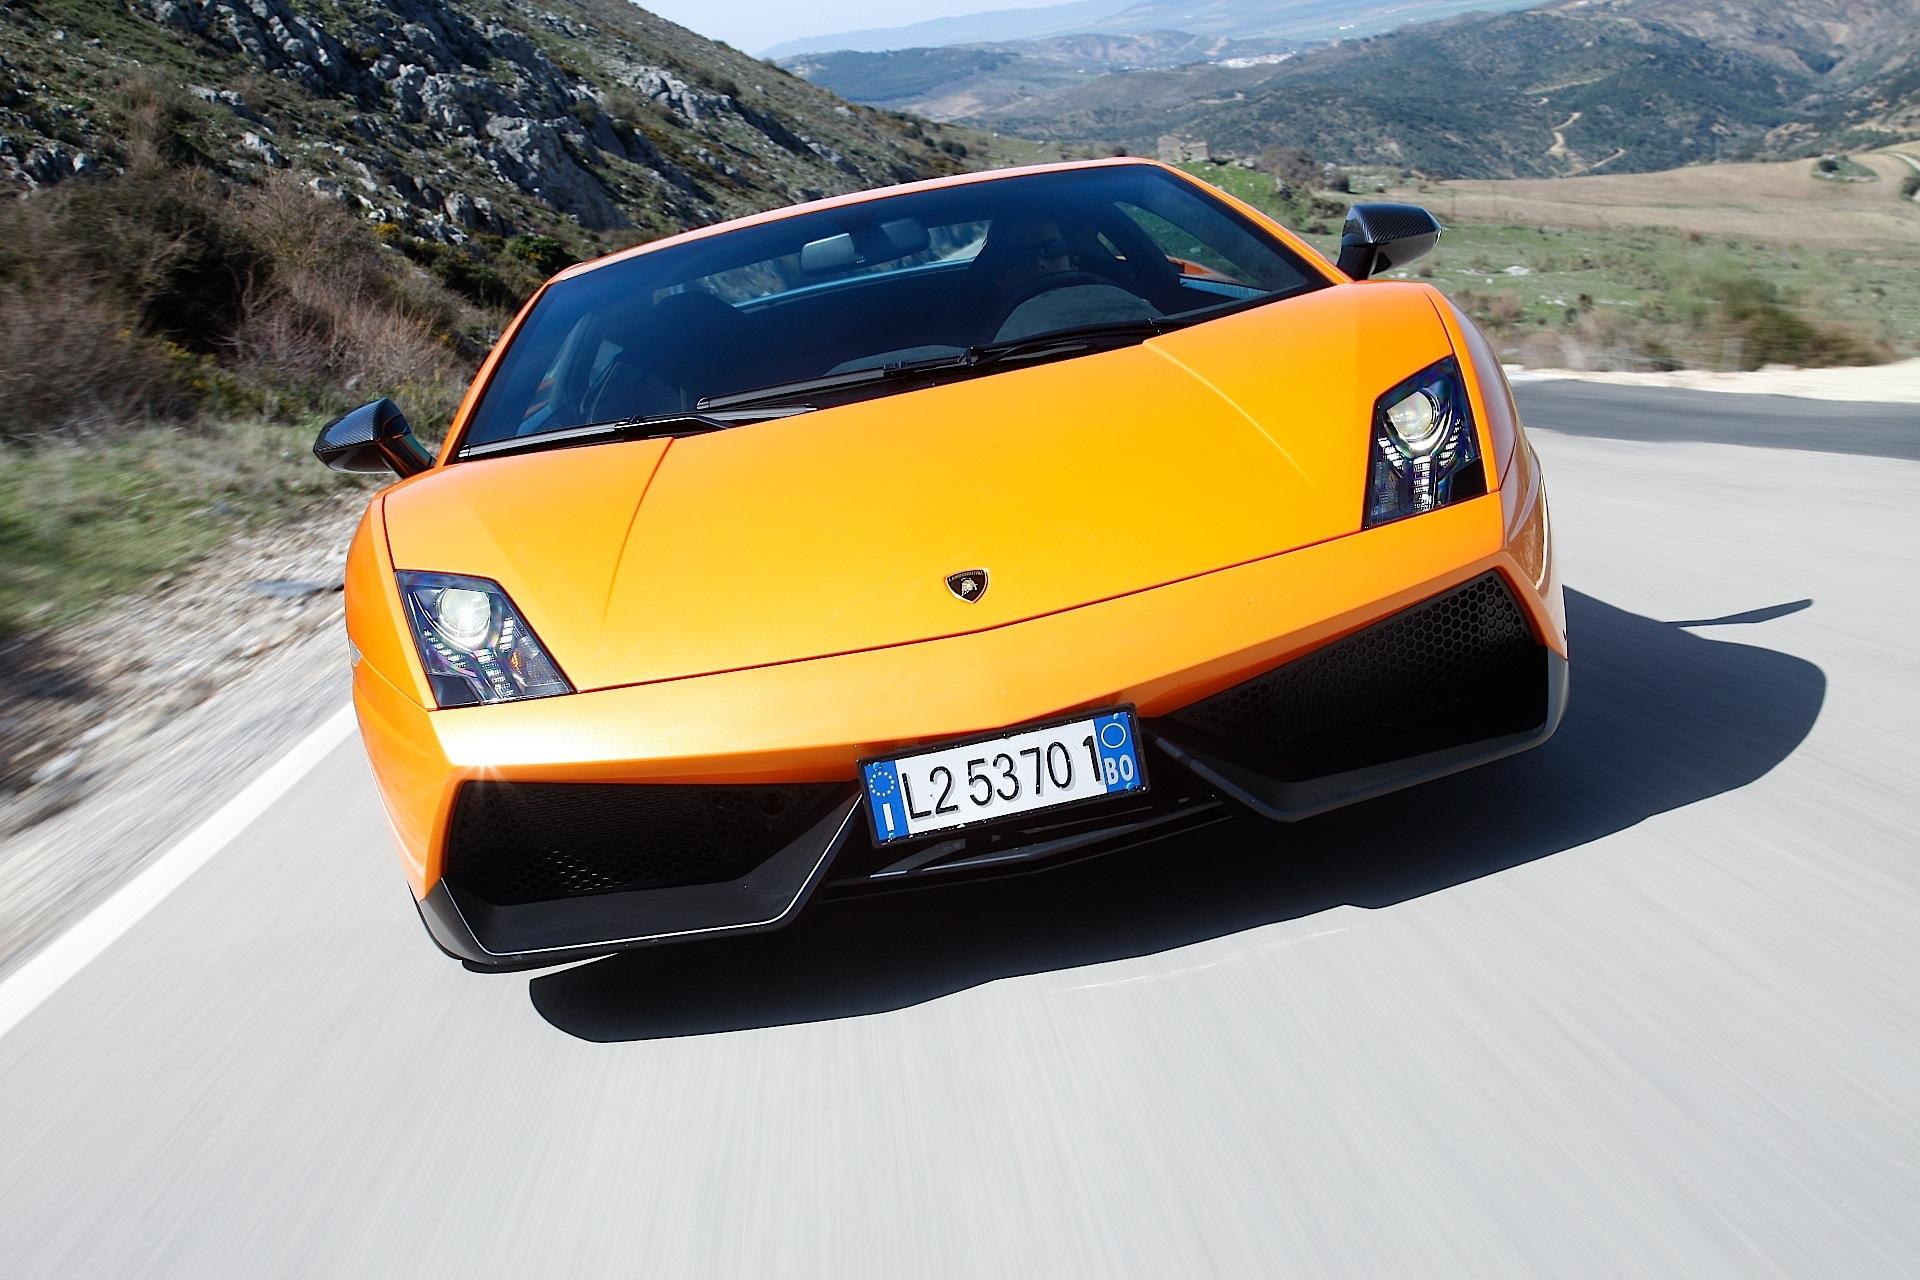 Lamborghini Gallardo Lp 570 4 Superleggera Specs Photos 2010